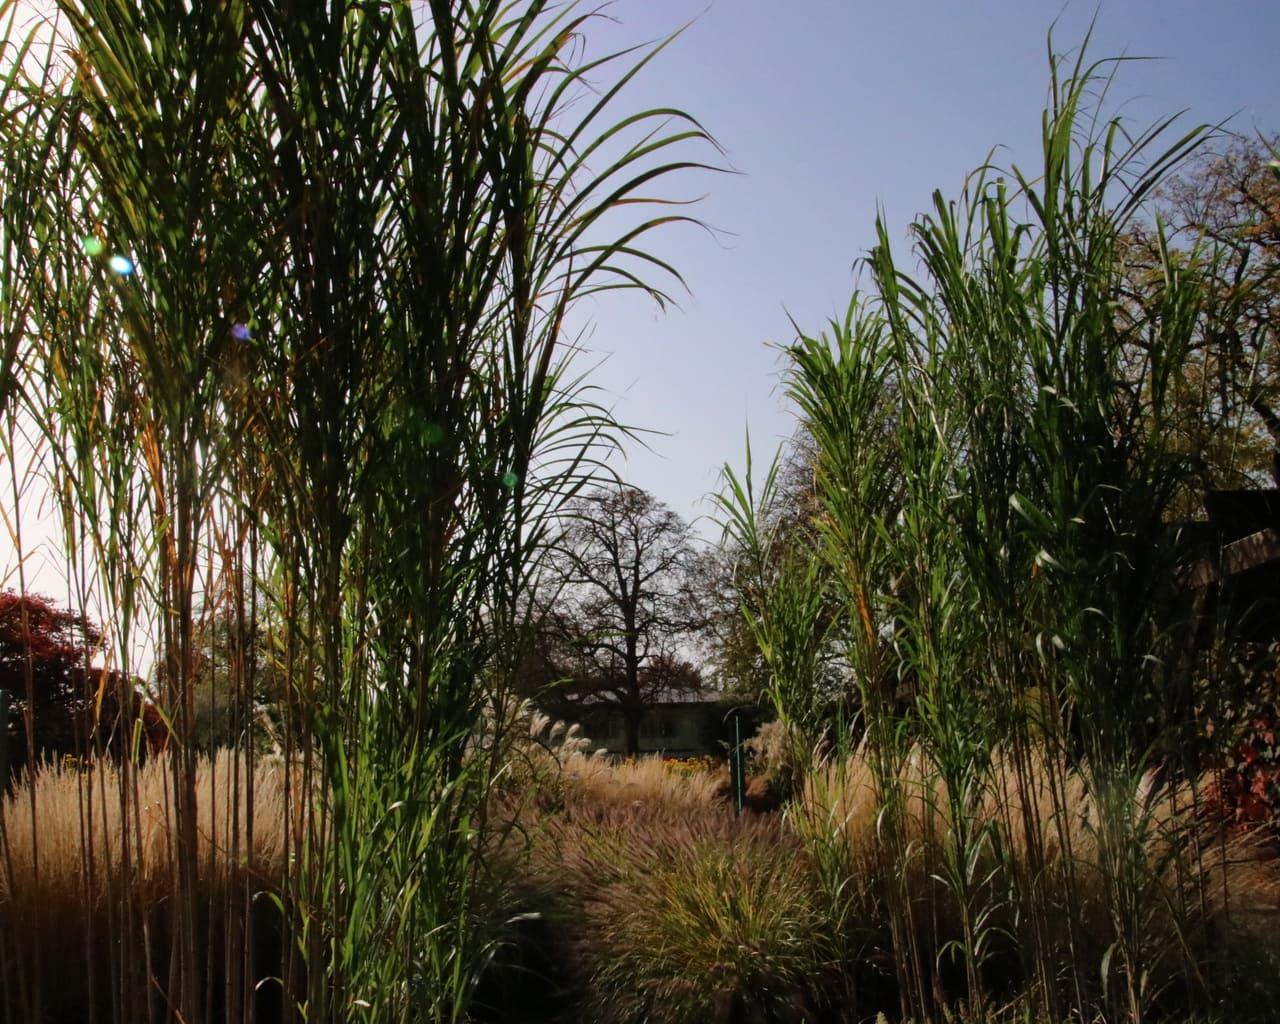 Gräsergarten im ega Park, Planung Petra Pelz 2014, das höchste Gras im Garten aber es wuchert... Chinesisches Riesenschilf Triarrhena lutarioriparia